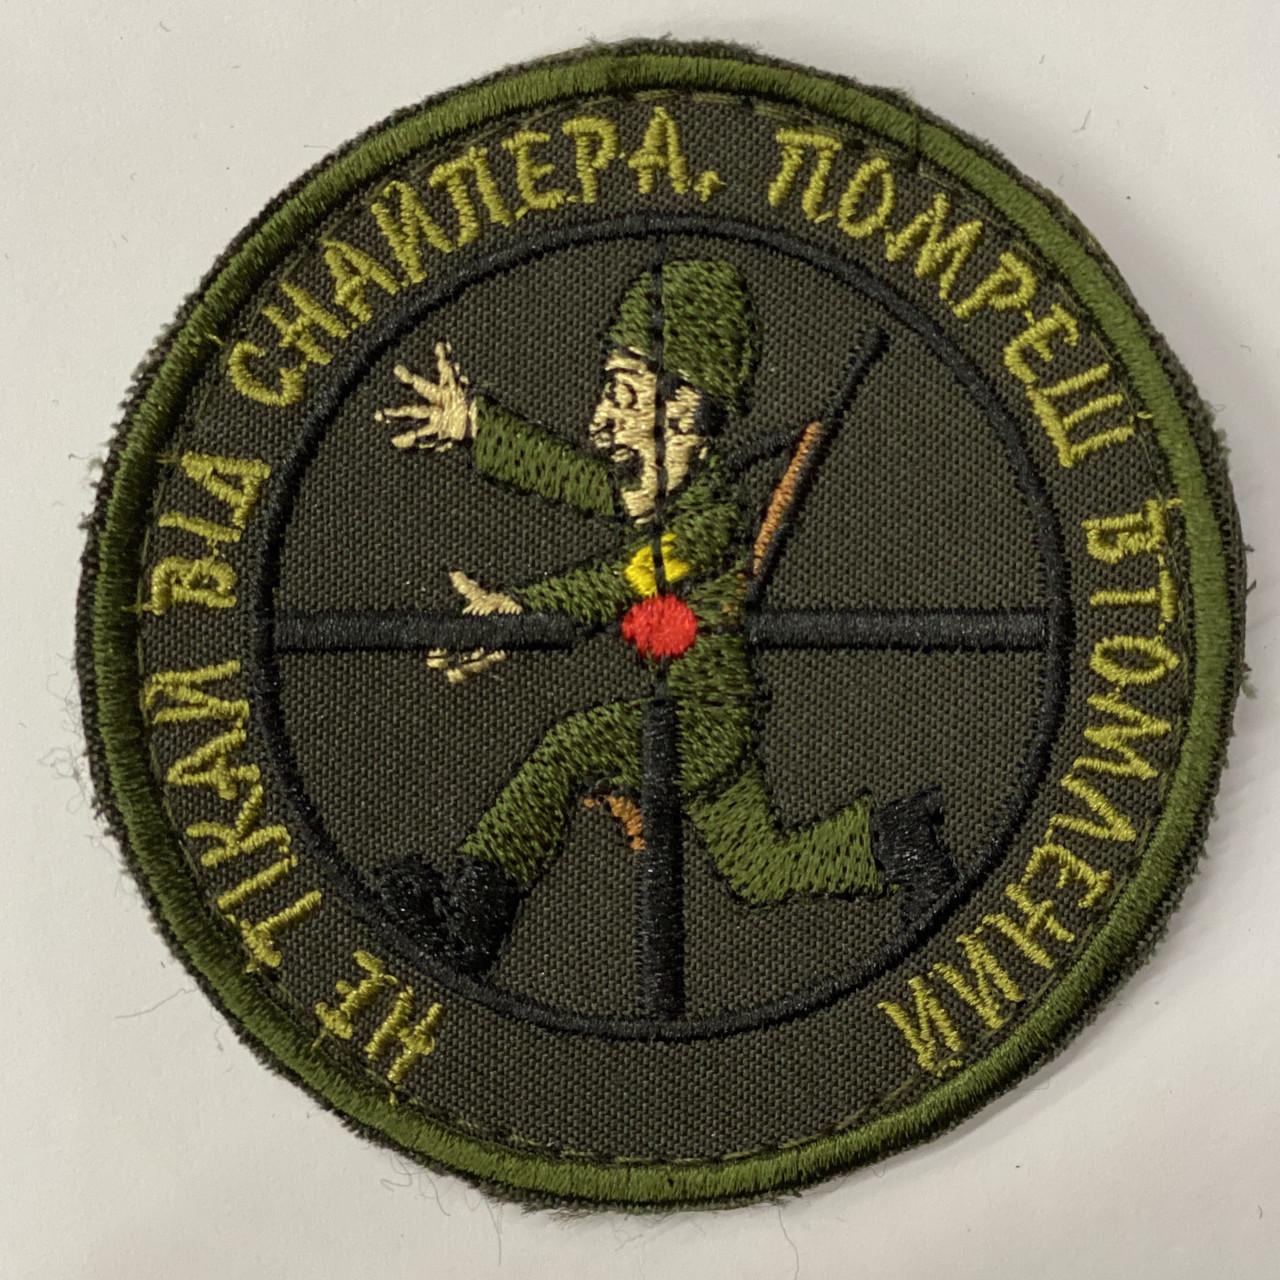 Шеврон Не тікай від снайпера - помреш втомлений